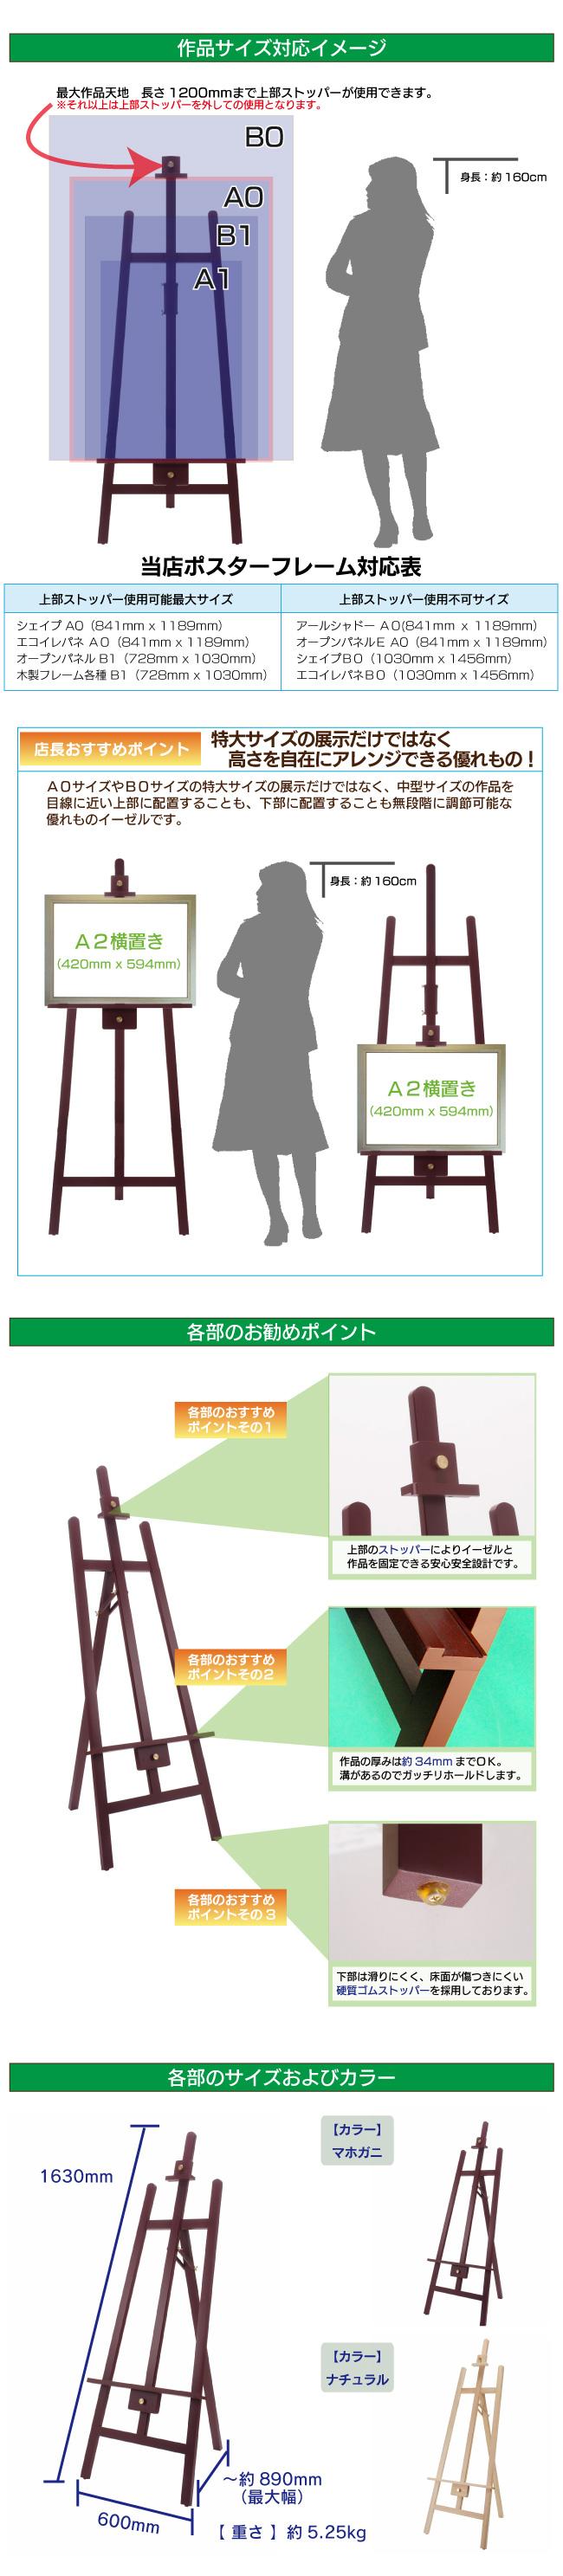 ポスターフレーム用イーゼル150商品説明